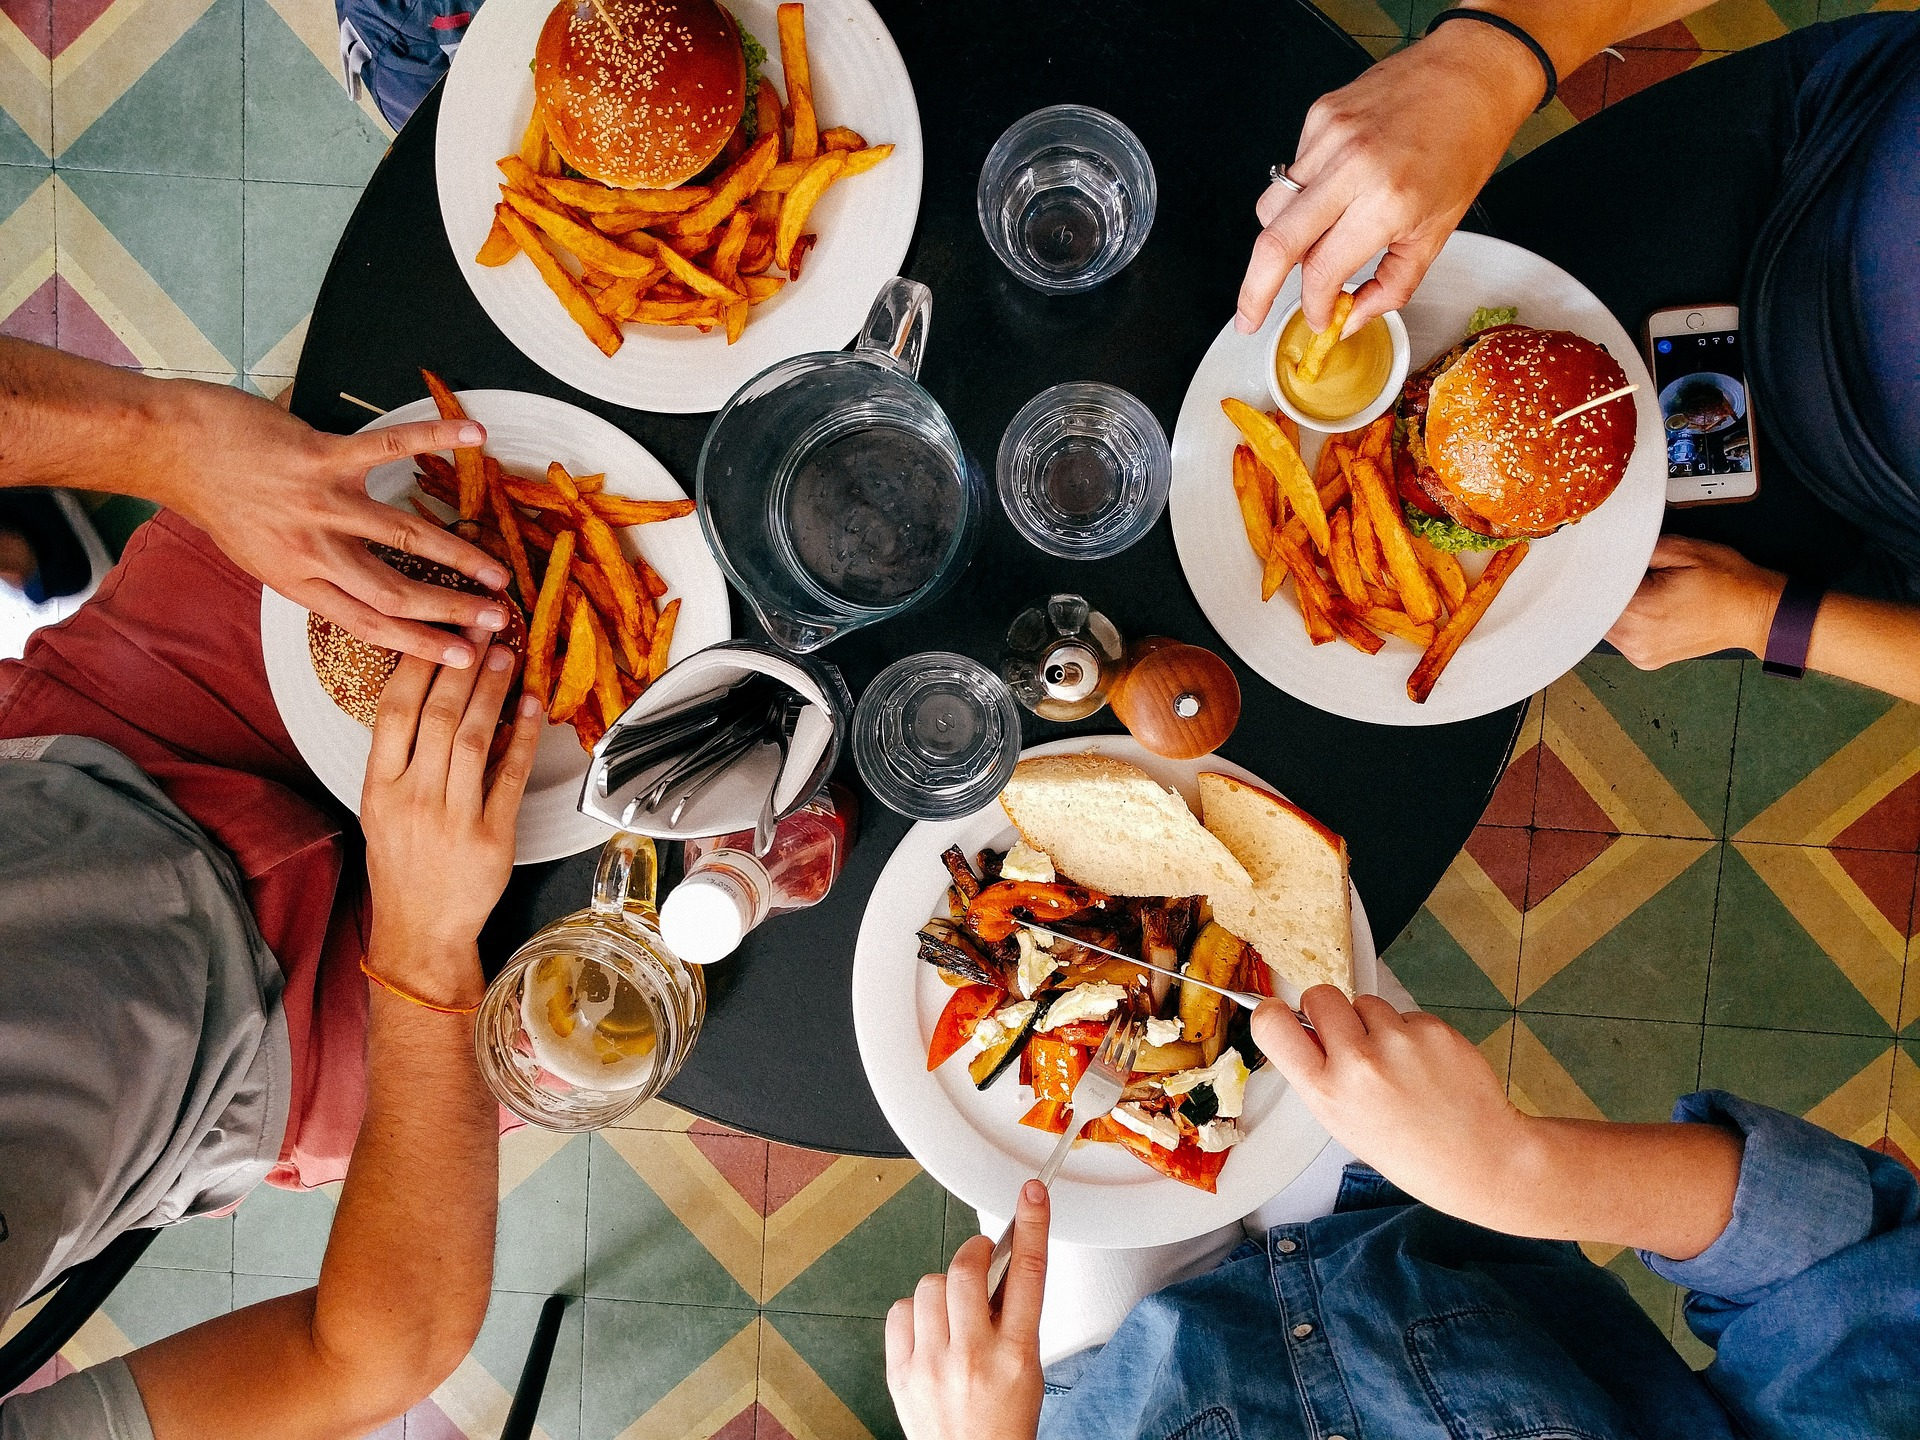 Nu ştii ce să mai găteşti diseară? Avem 6 idei pentru tine!